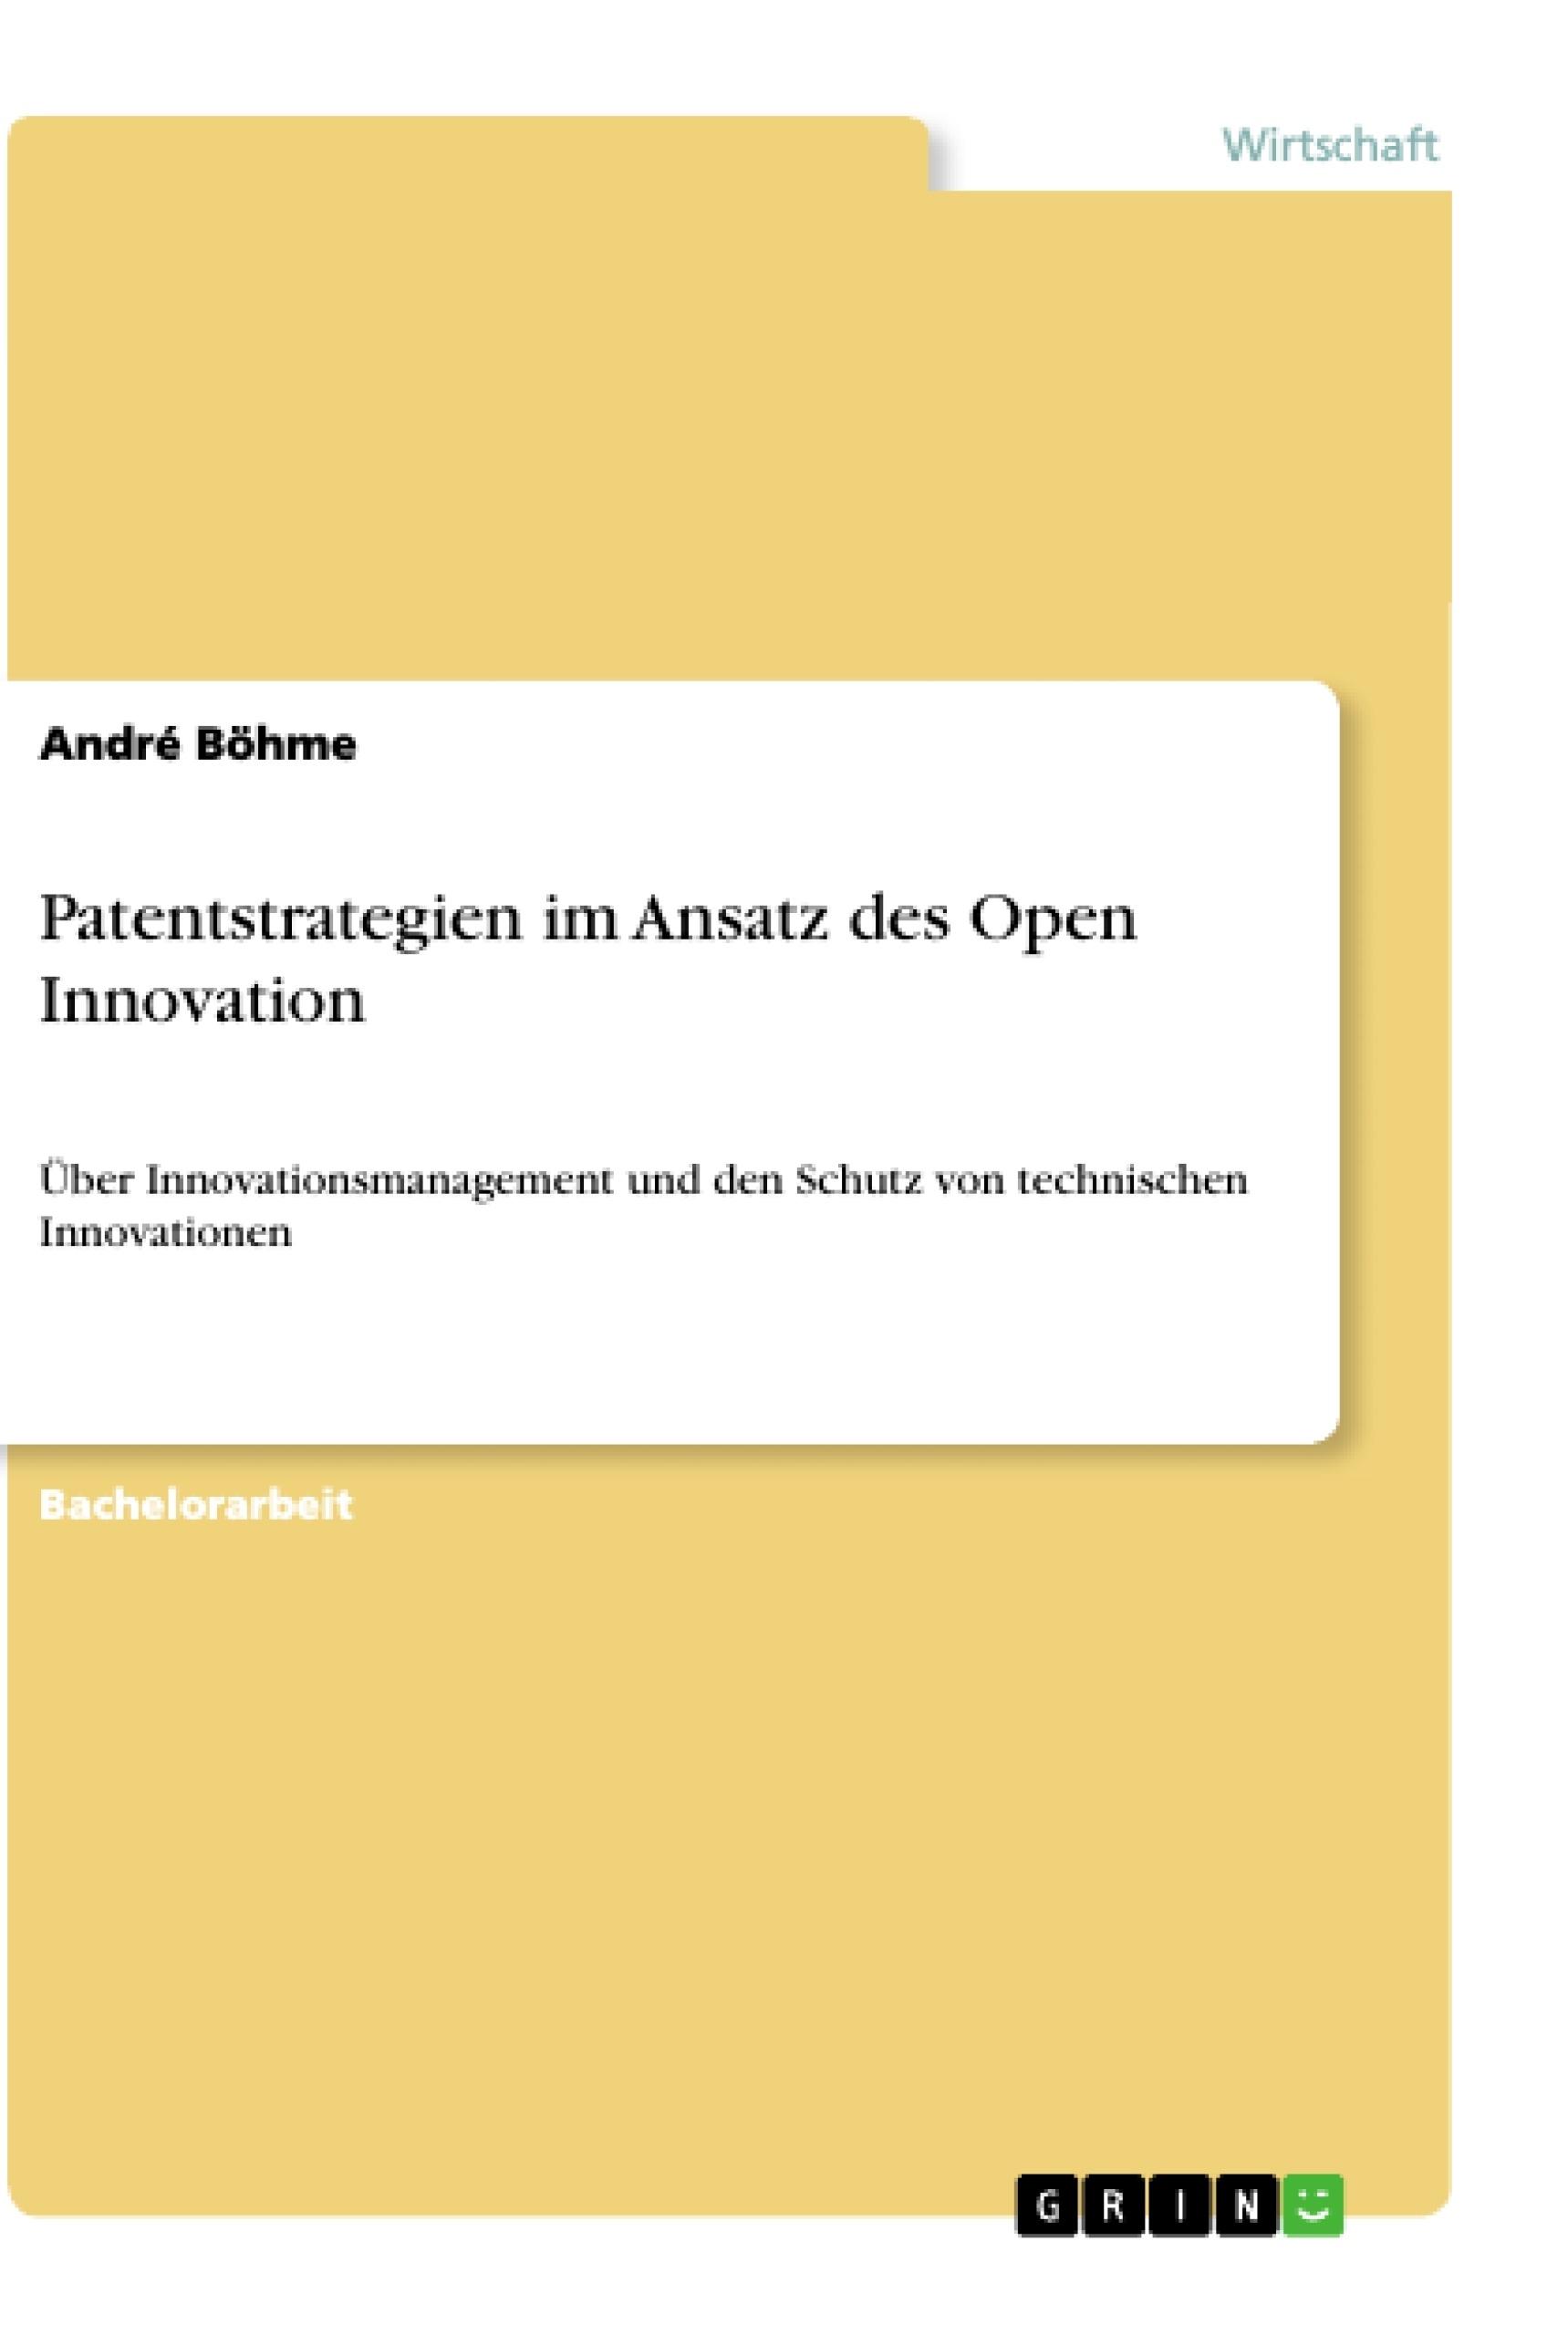 Titel: Patentstrategien im Ansatz des Open Innovation